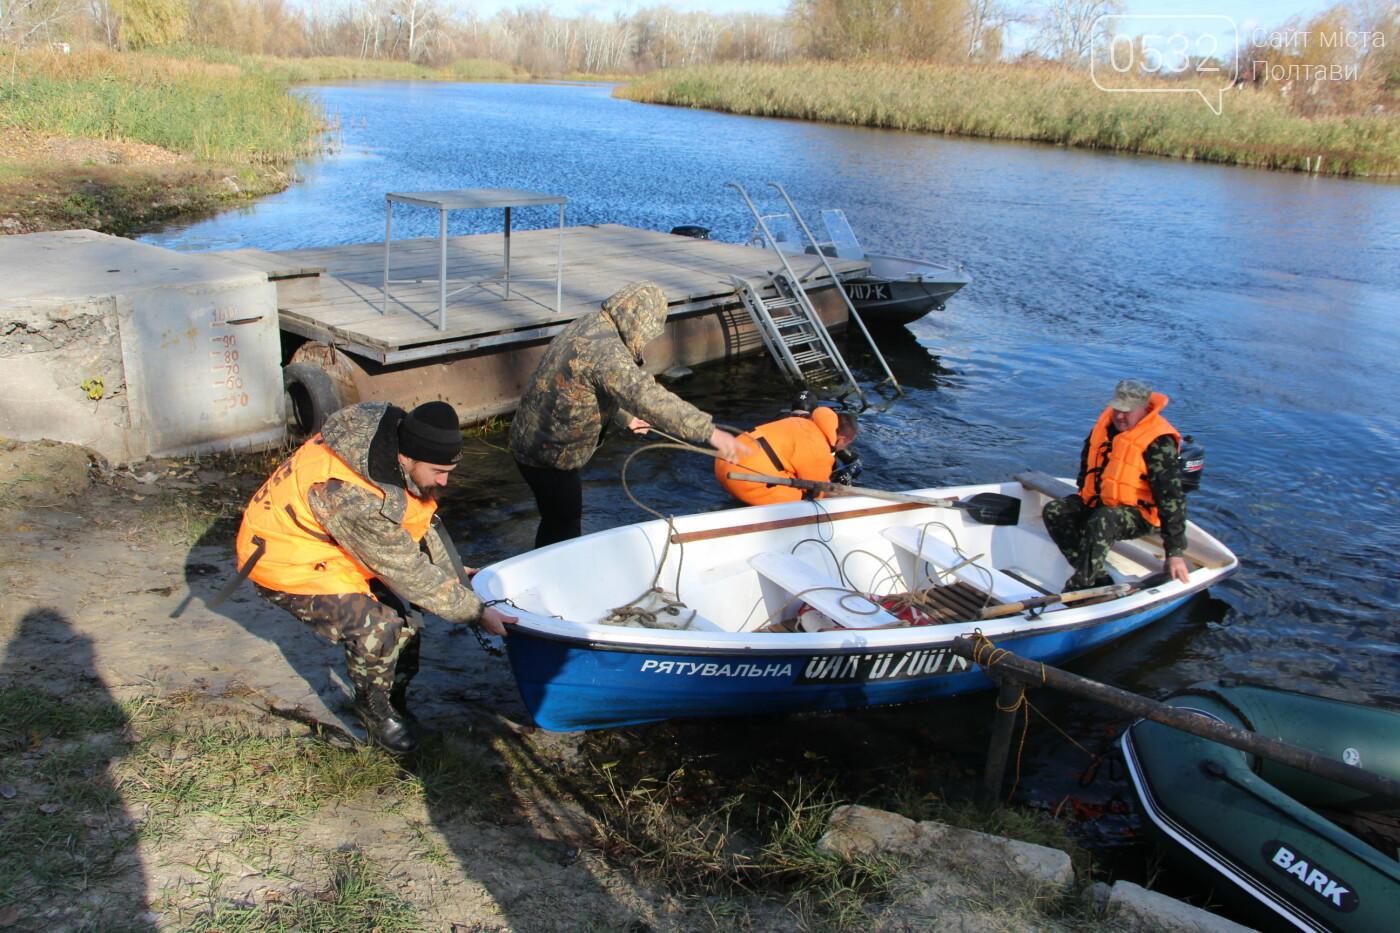 У Полтаві рятувальники витягли із води рибалок, що перекинулися на човні (ФОТО, ВІДЕО), фото-3